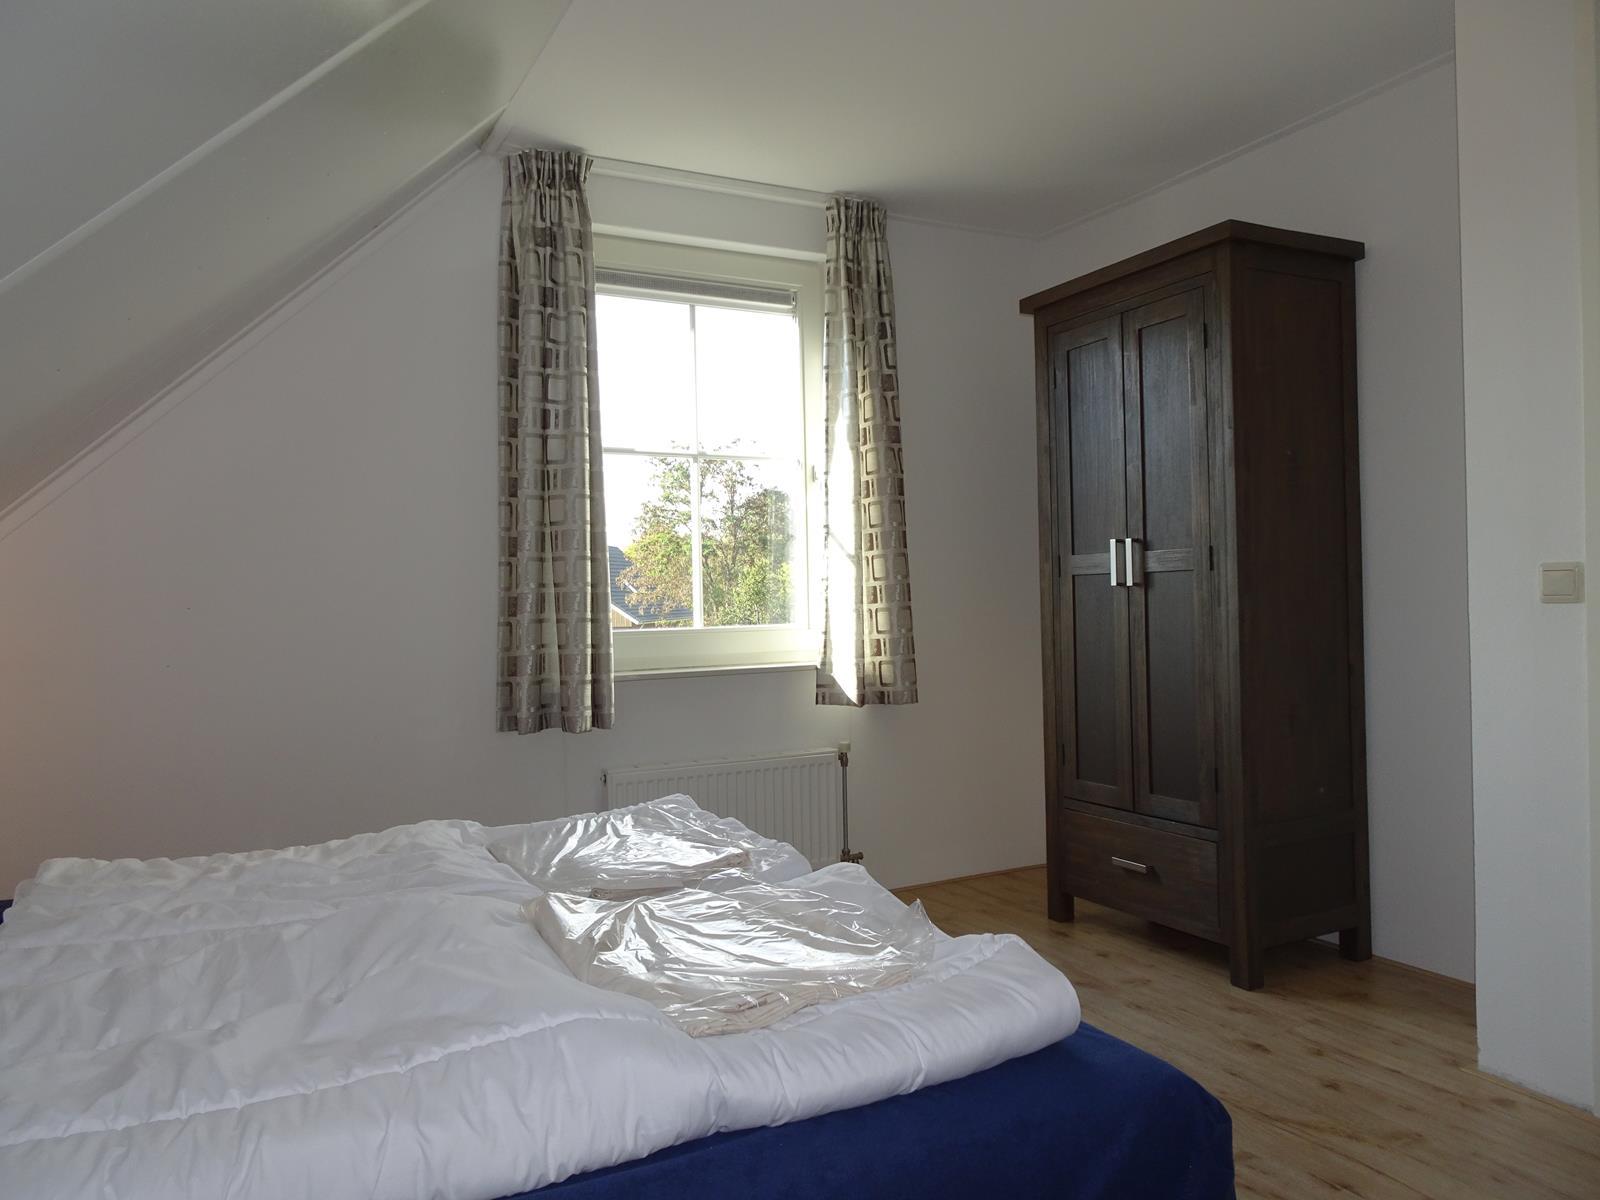 Vakantiehuis te koop Susteren K800 007.jpg